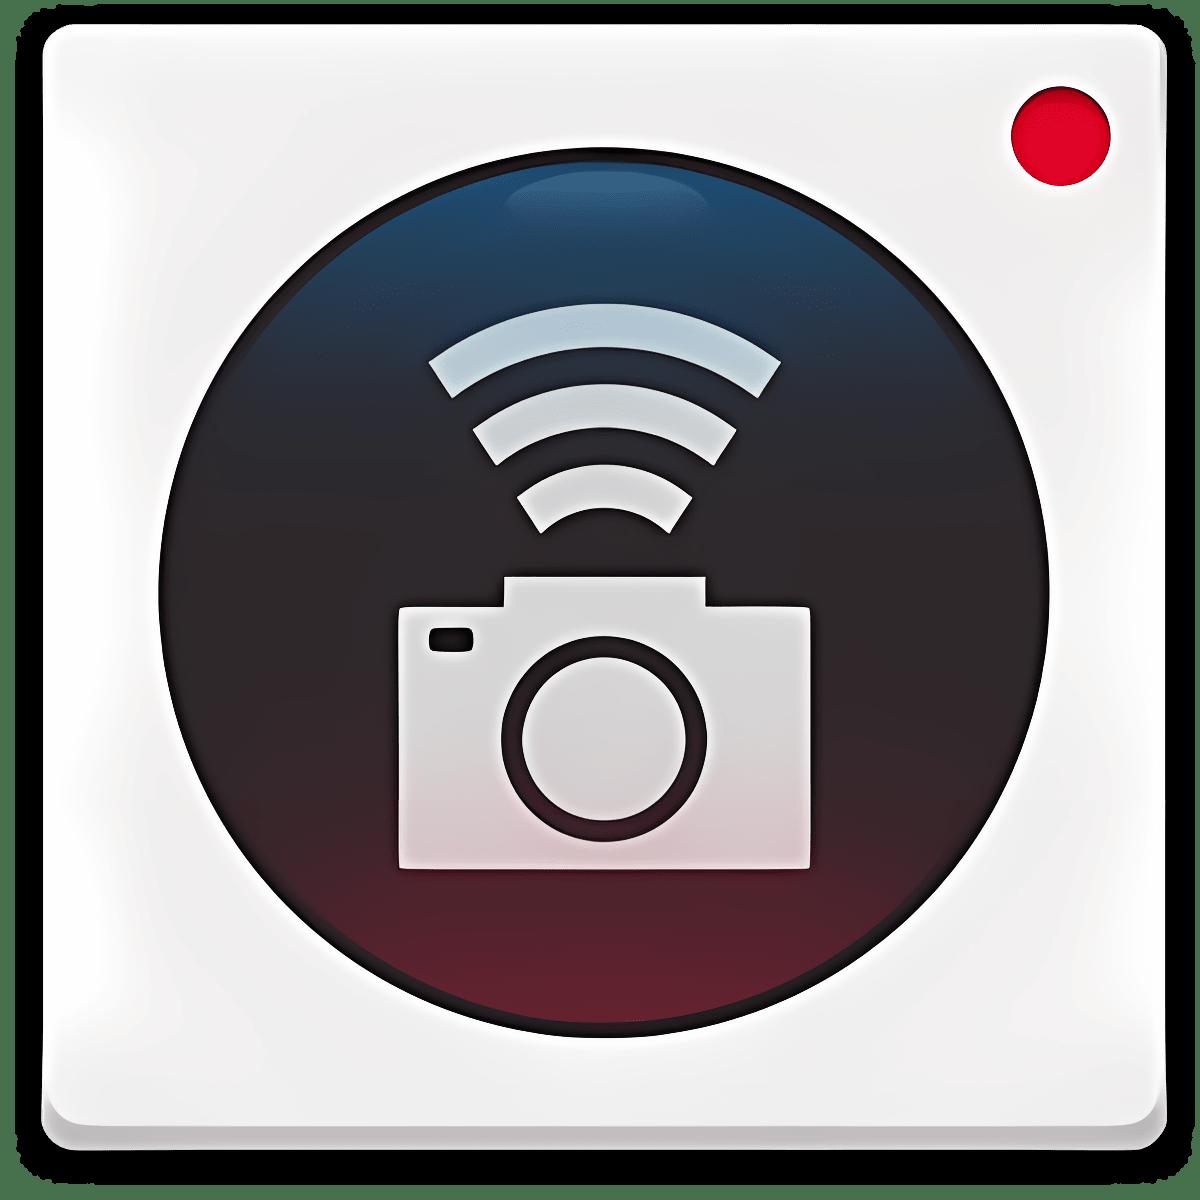 [VEGA] Remote Shot